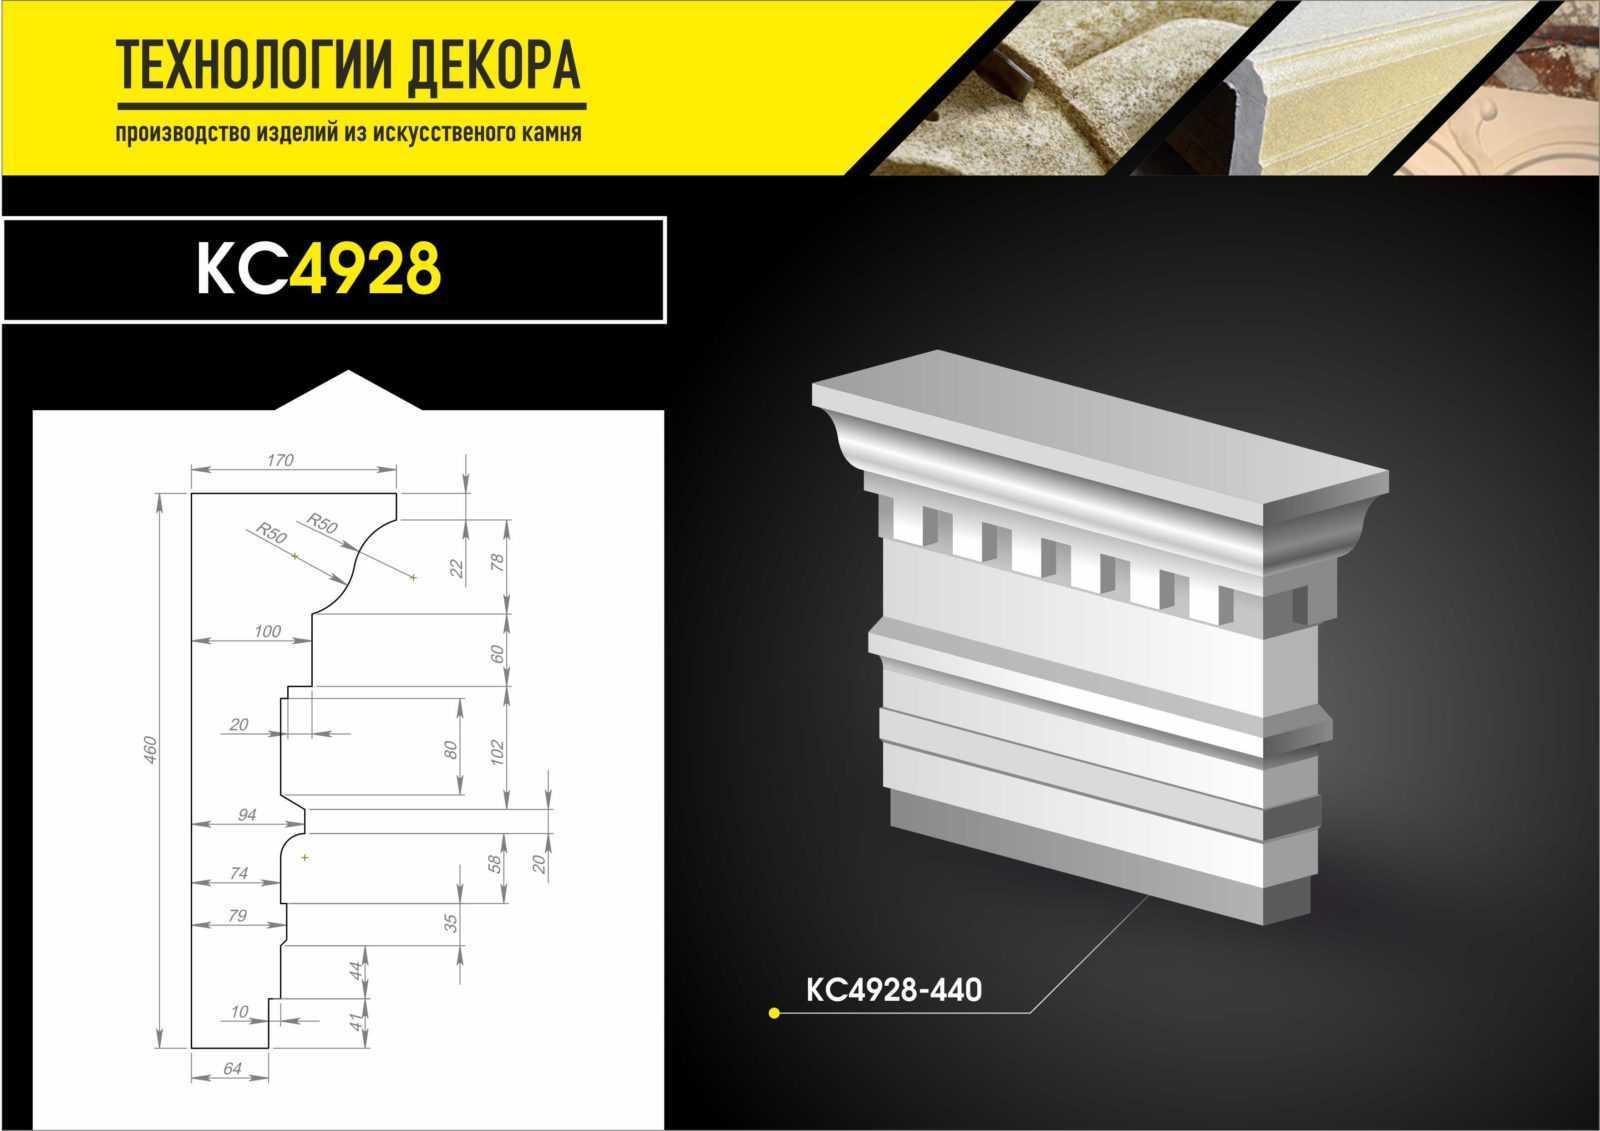 Фасадные карнизы из СФБ. В наличии декоративный элемент и на заказ в Москве. Скидки!